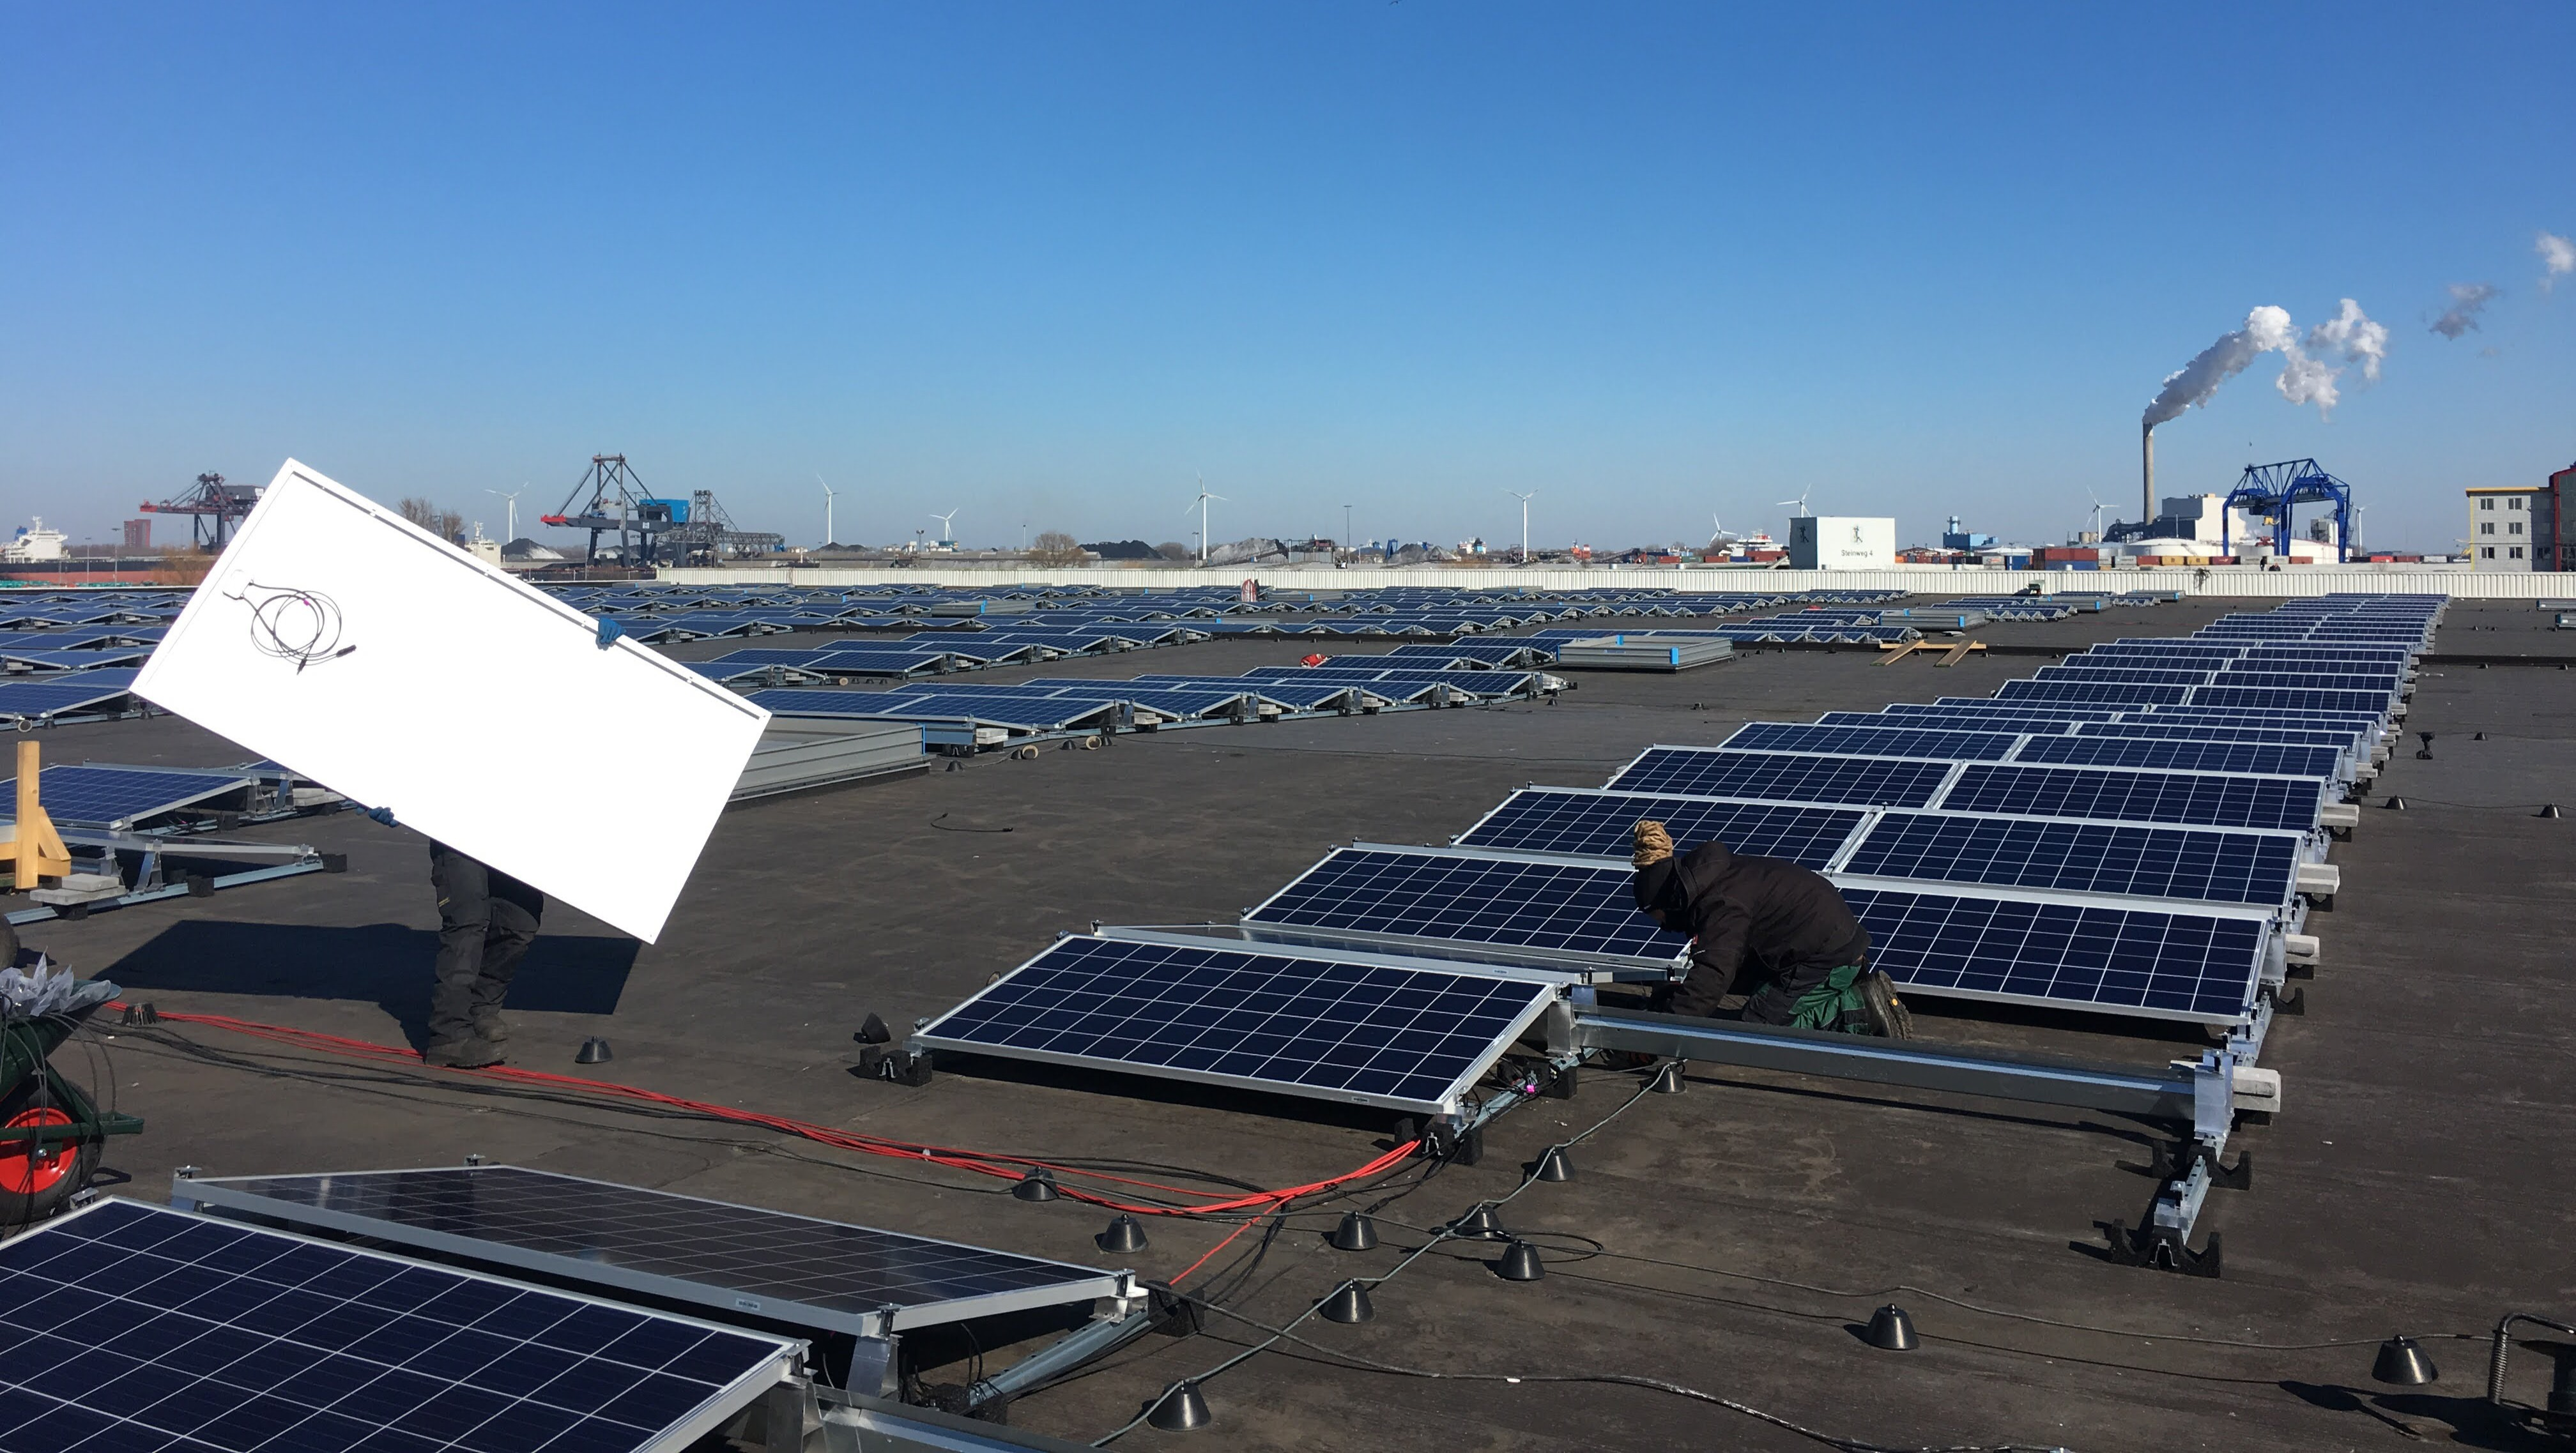 Zonnedak Nissan in opbouw - gestapelde projectfinanciering voor zonnepanelen